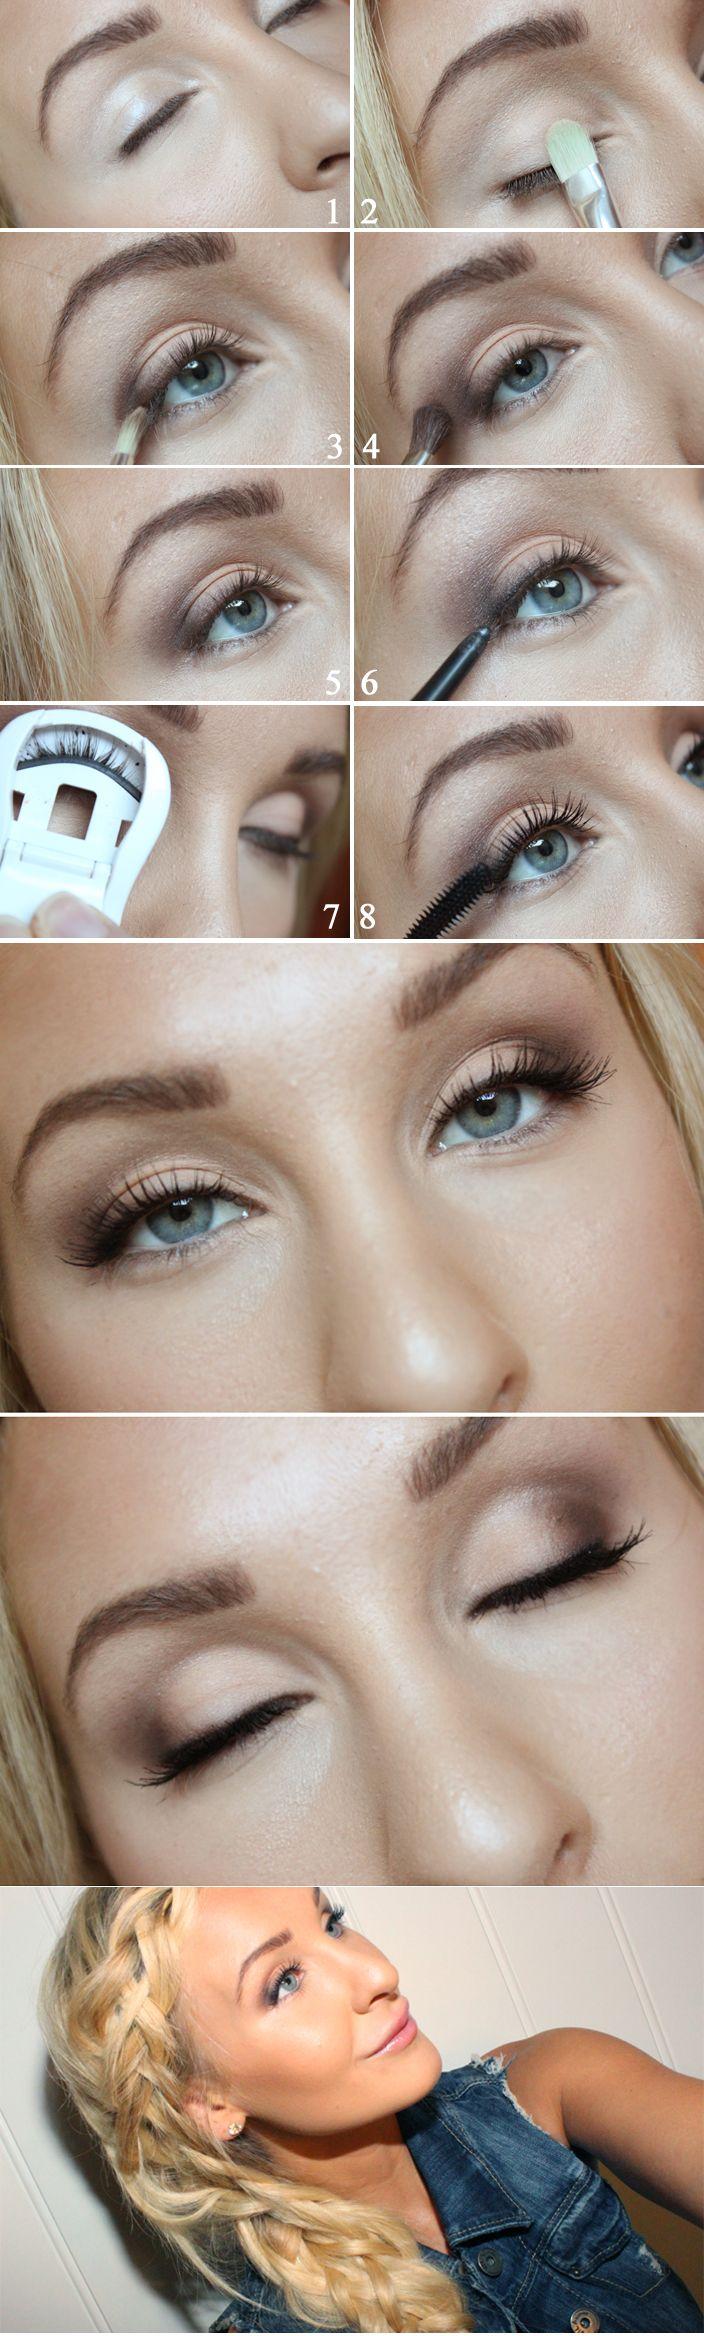 Helen Torsgården - Hiilens make-up blog | Beste make-up Zweden's blog meth geweldige make-ups, inspiratie, tutorials, make-up video's, produc ...